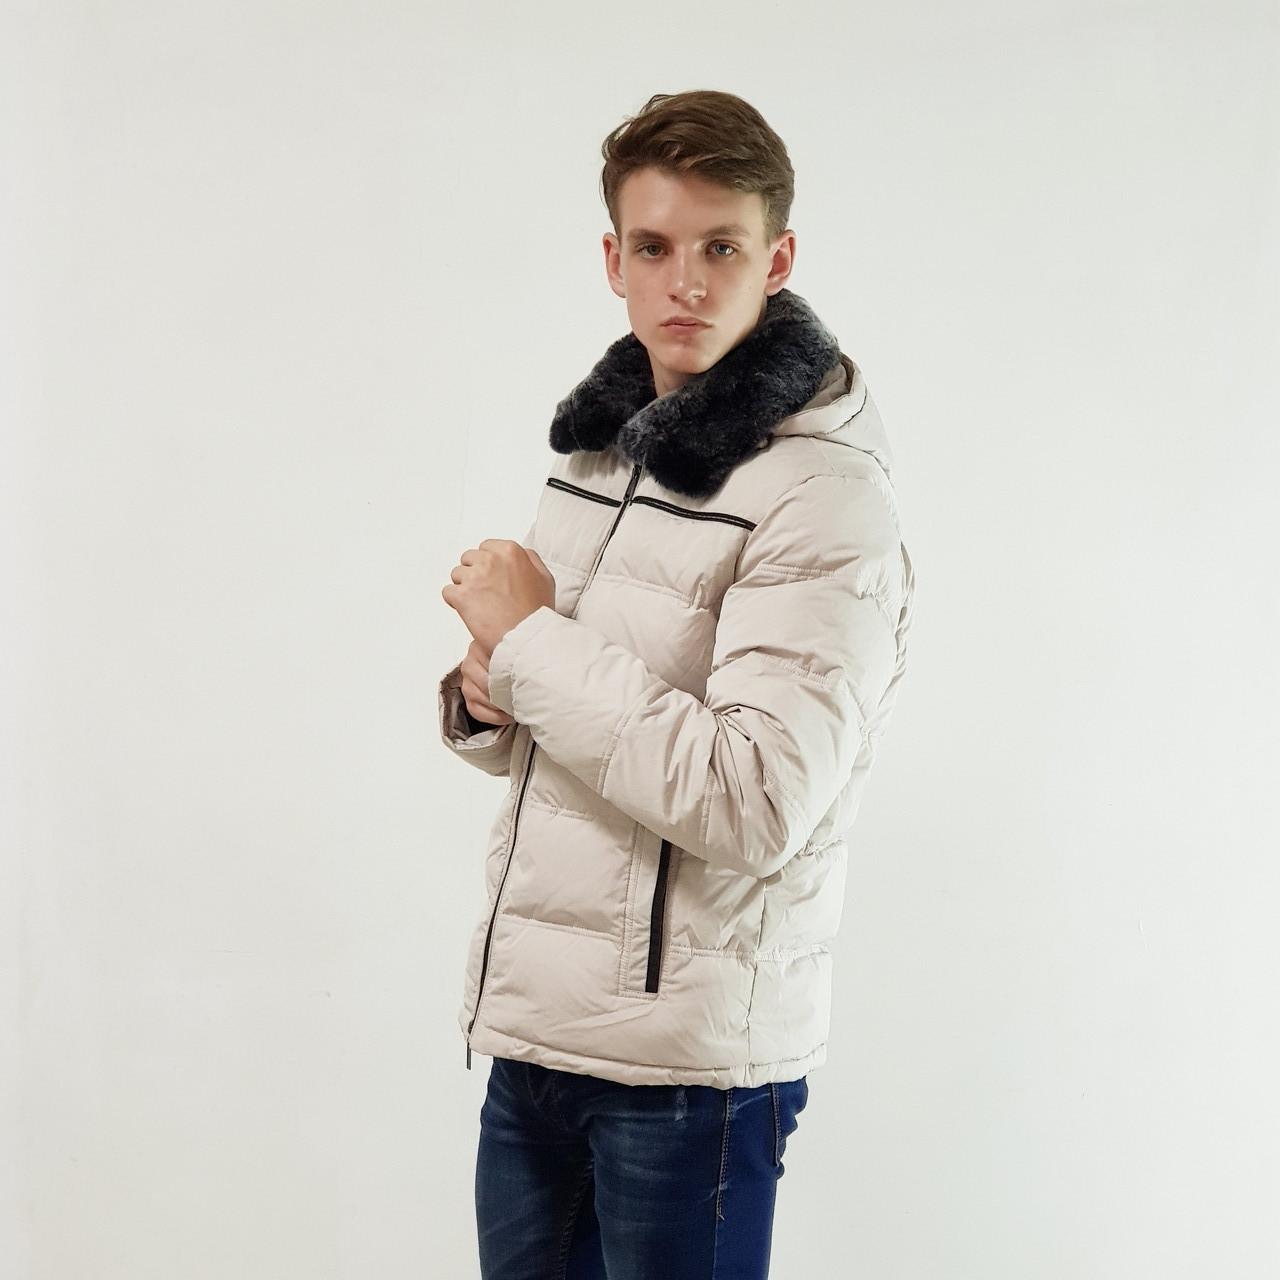 Куртка мужская зимняя Snowimage с капюшоном 54 бежевый 127-9189